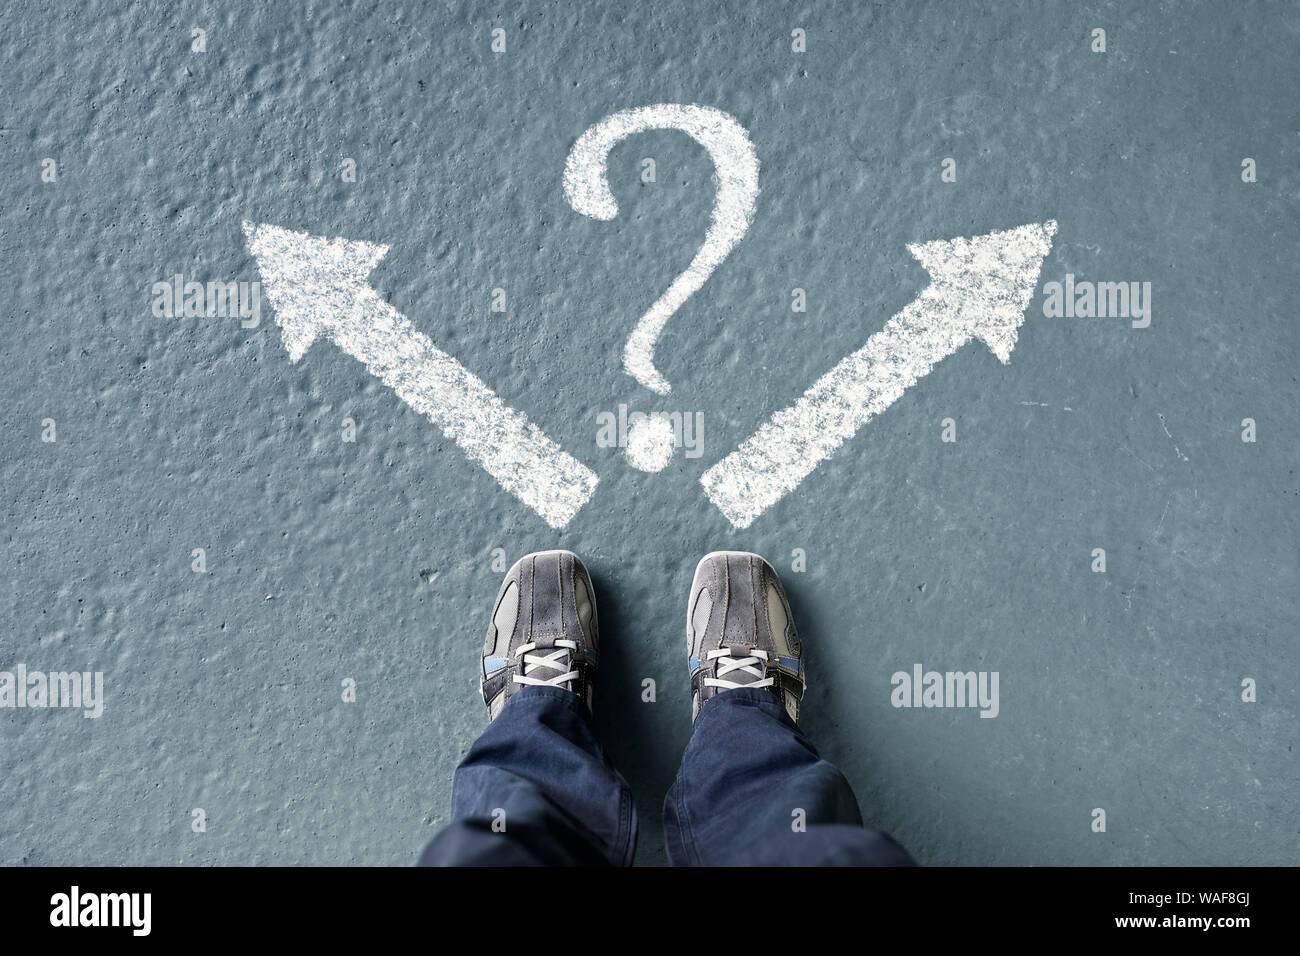 Tomar decisiones para el futuro hombre de pie con la flecha de dirección y opciones de interrogación, izquierda, derecha o avanzar Foto de stock